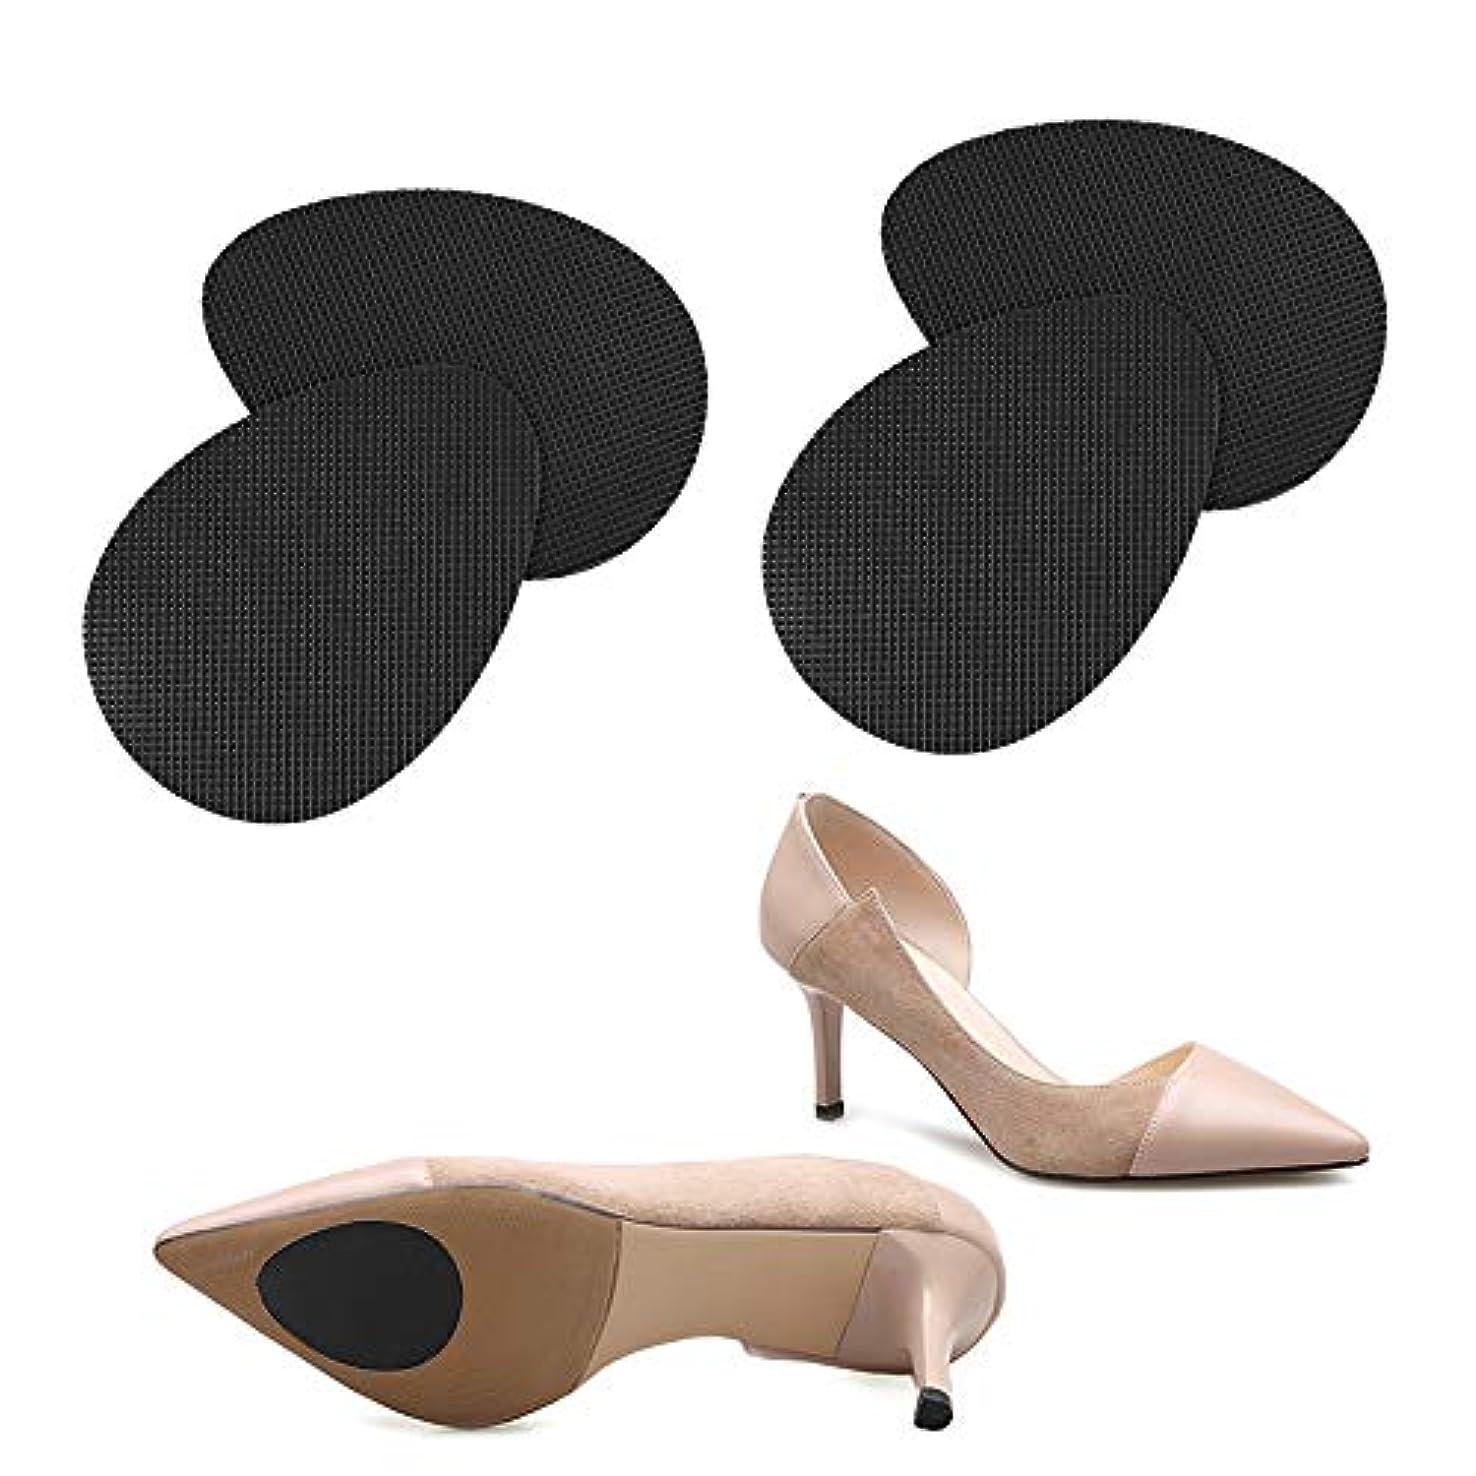 フェリー盲目人生を作る靴 滑り止め ステッカー,LINECY 【スリップガード】靴保護 シート つま先&かかと 靴底補修 滑り止め (2足4枚いり)